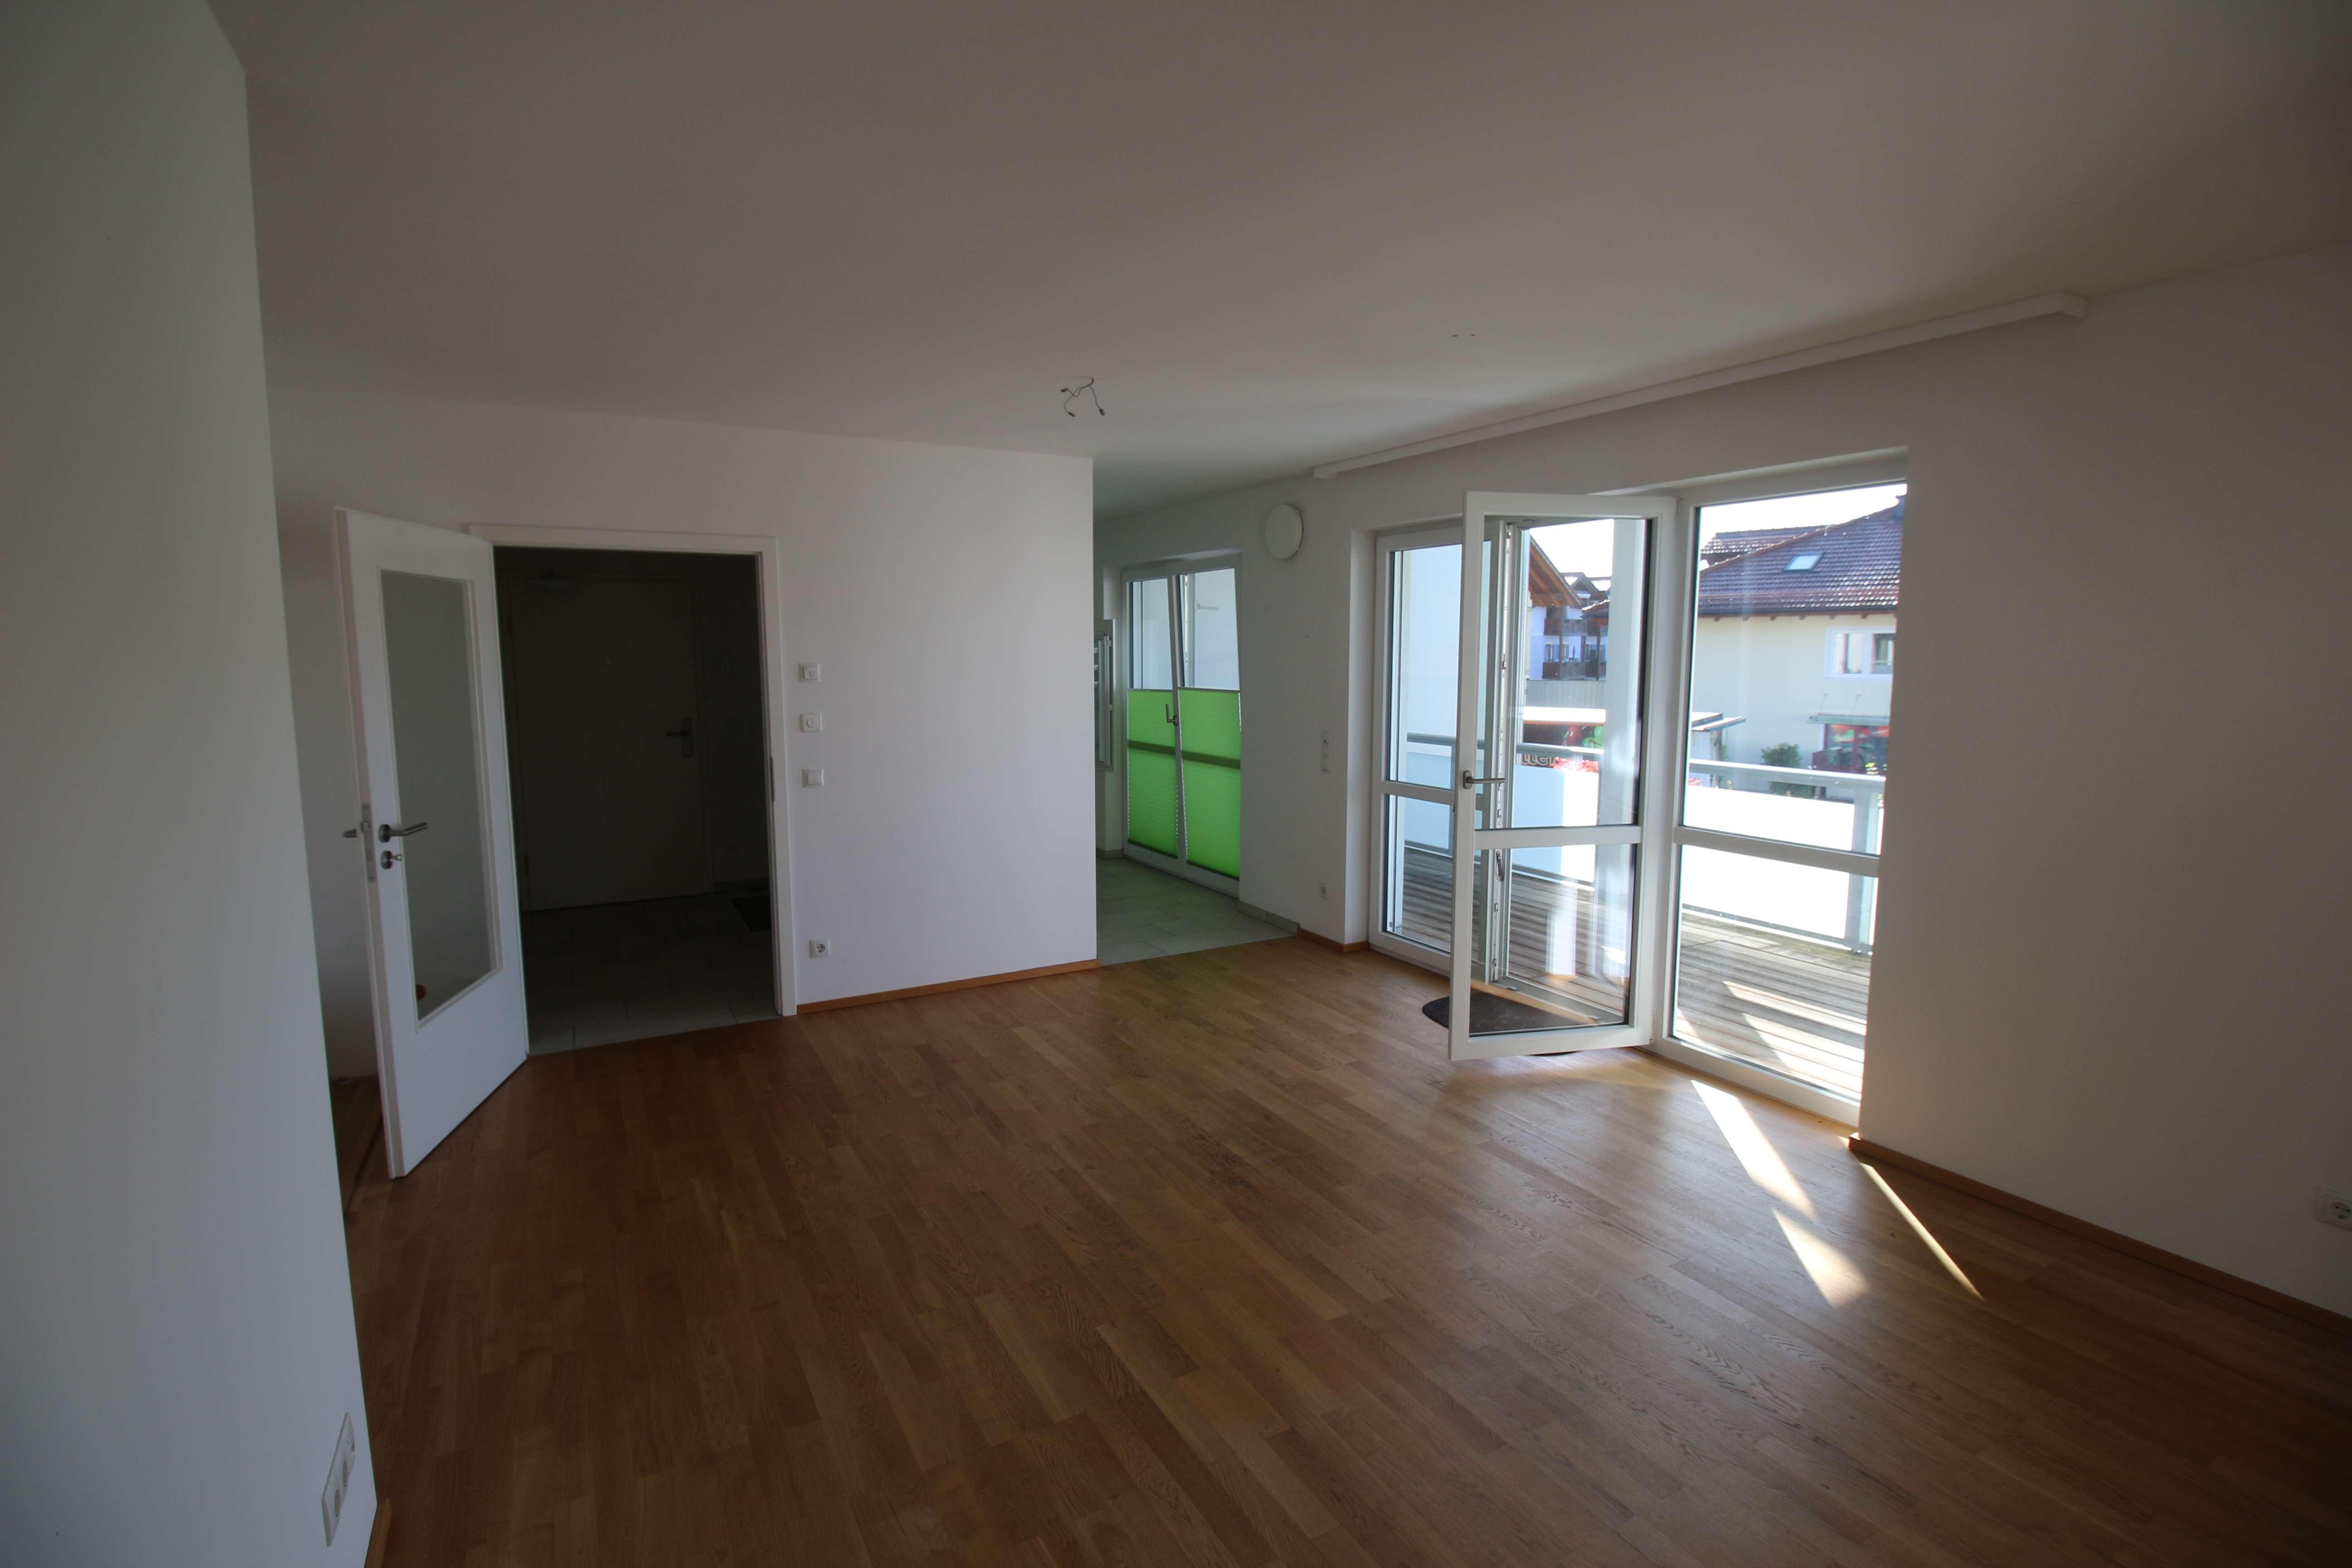 Helle 3-Zimmer Wohnung mit Balkon zu vermieten! in Prien am Chiemsee